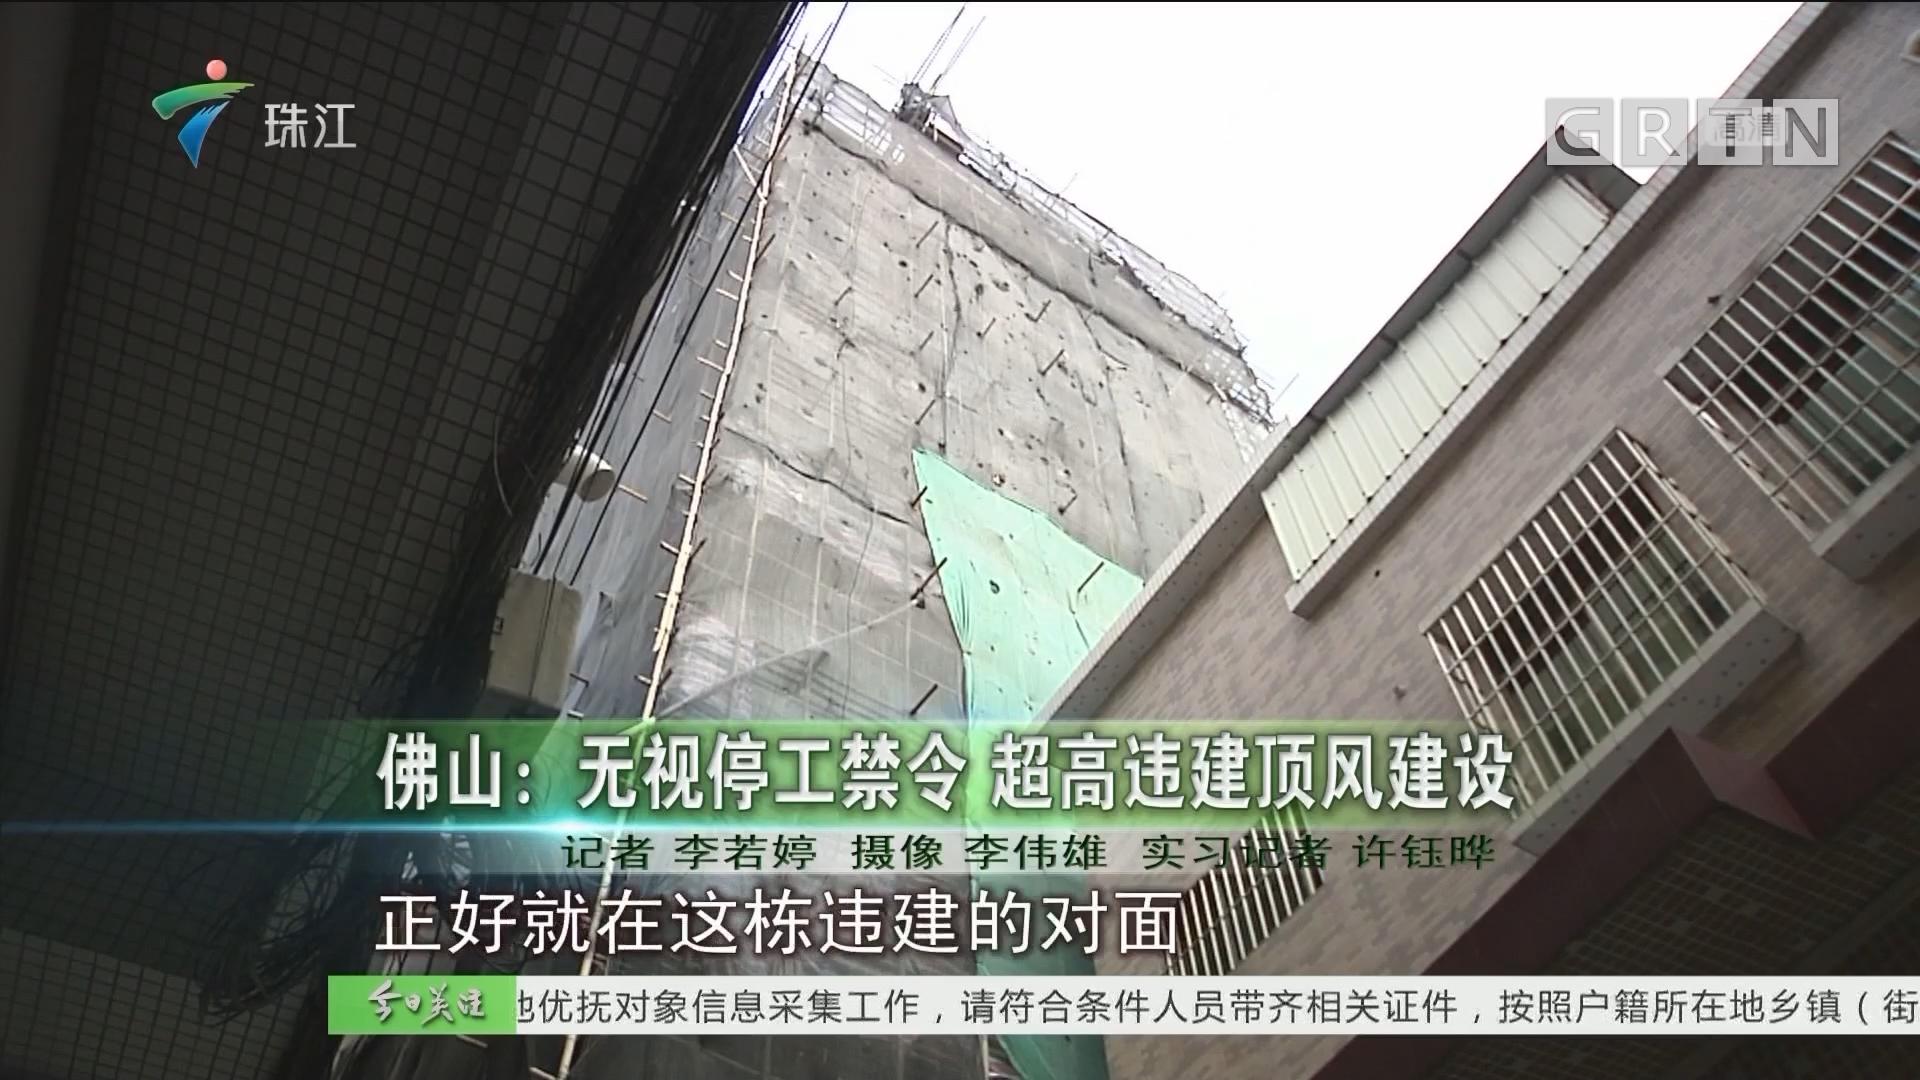 佛山:无视停工禁令 超高违建顶风建设